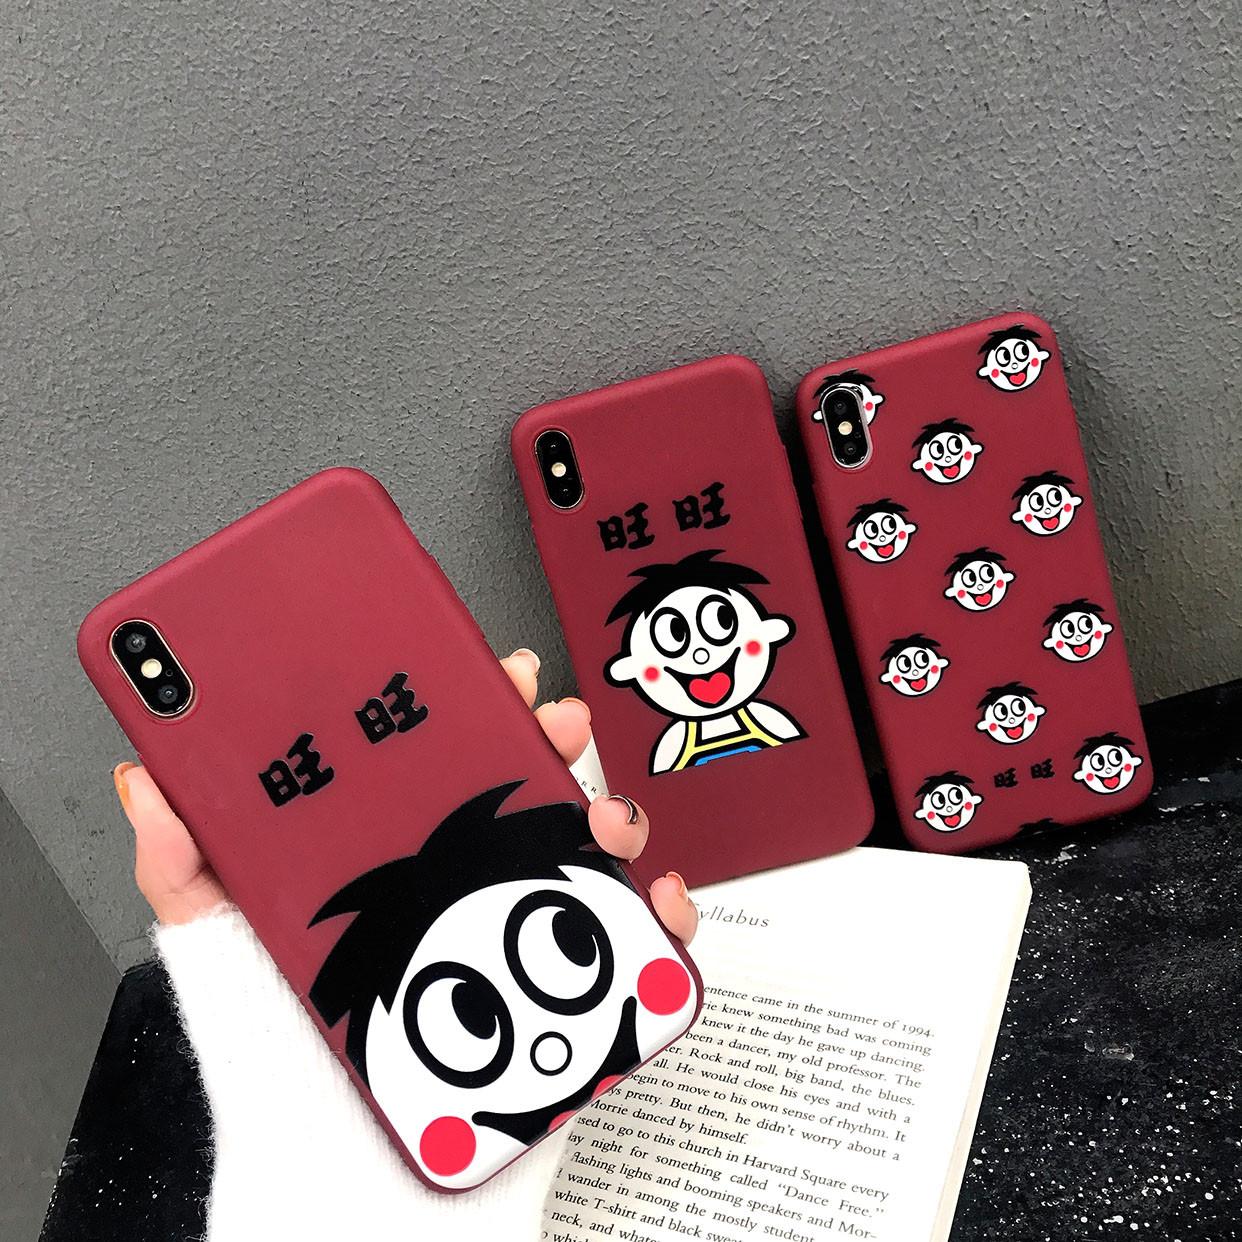 酒红色旺仔iphone xs max x手机壳券后9.99元